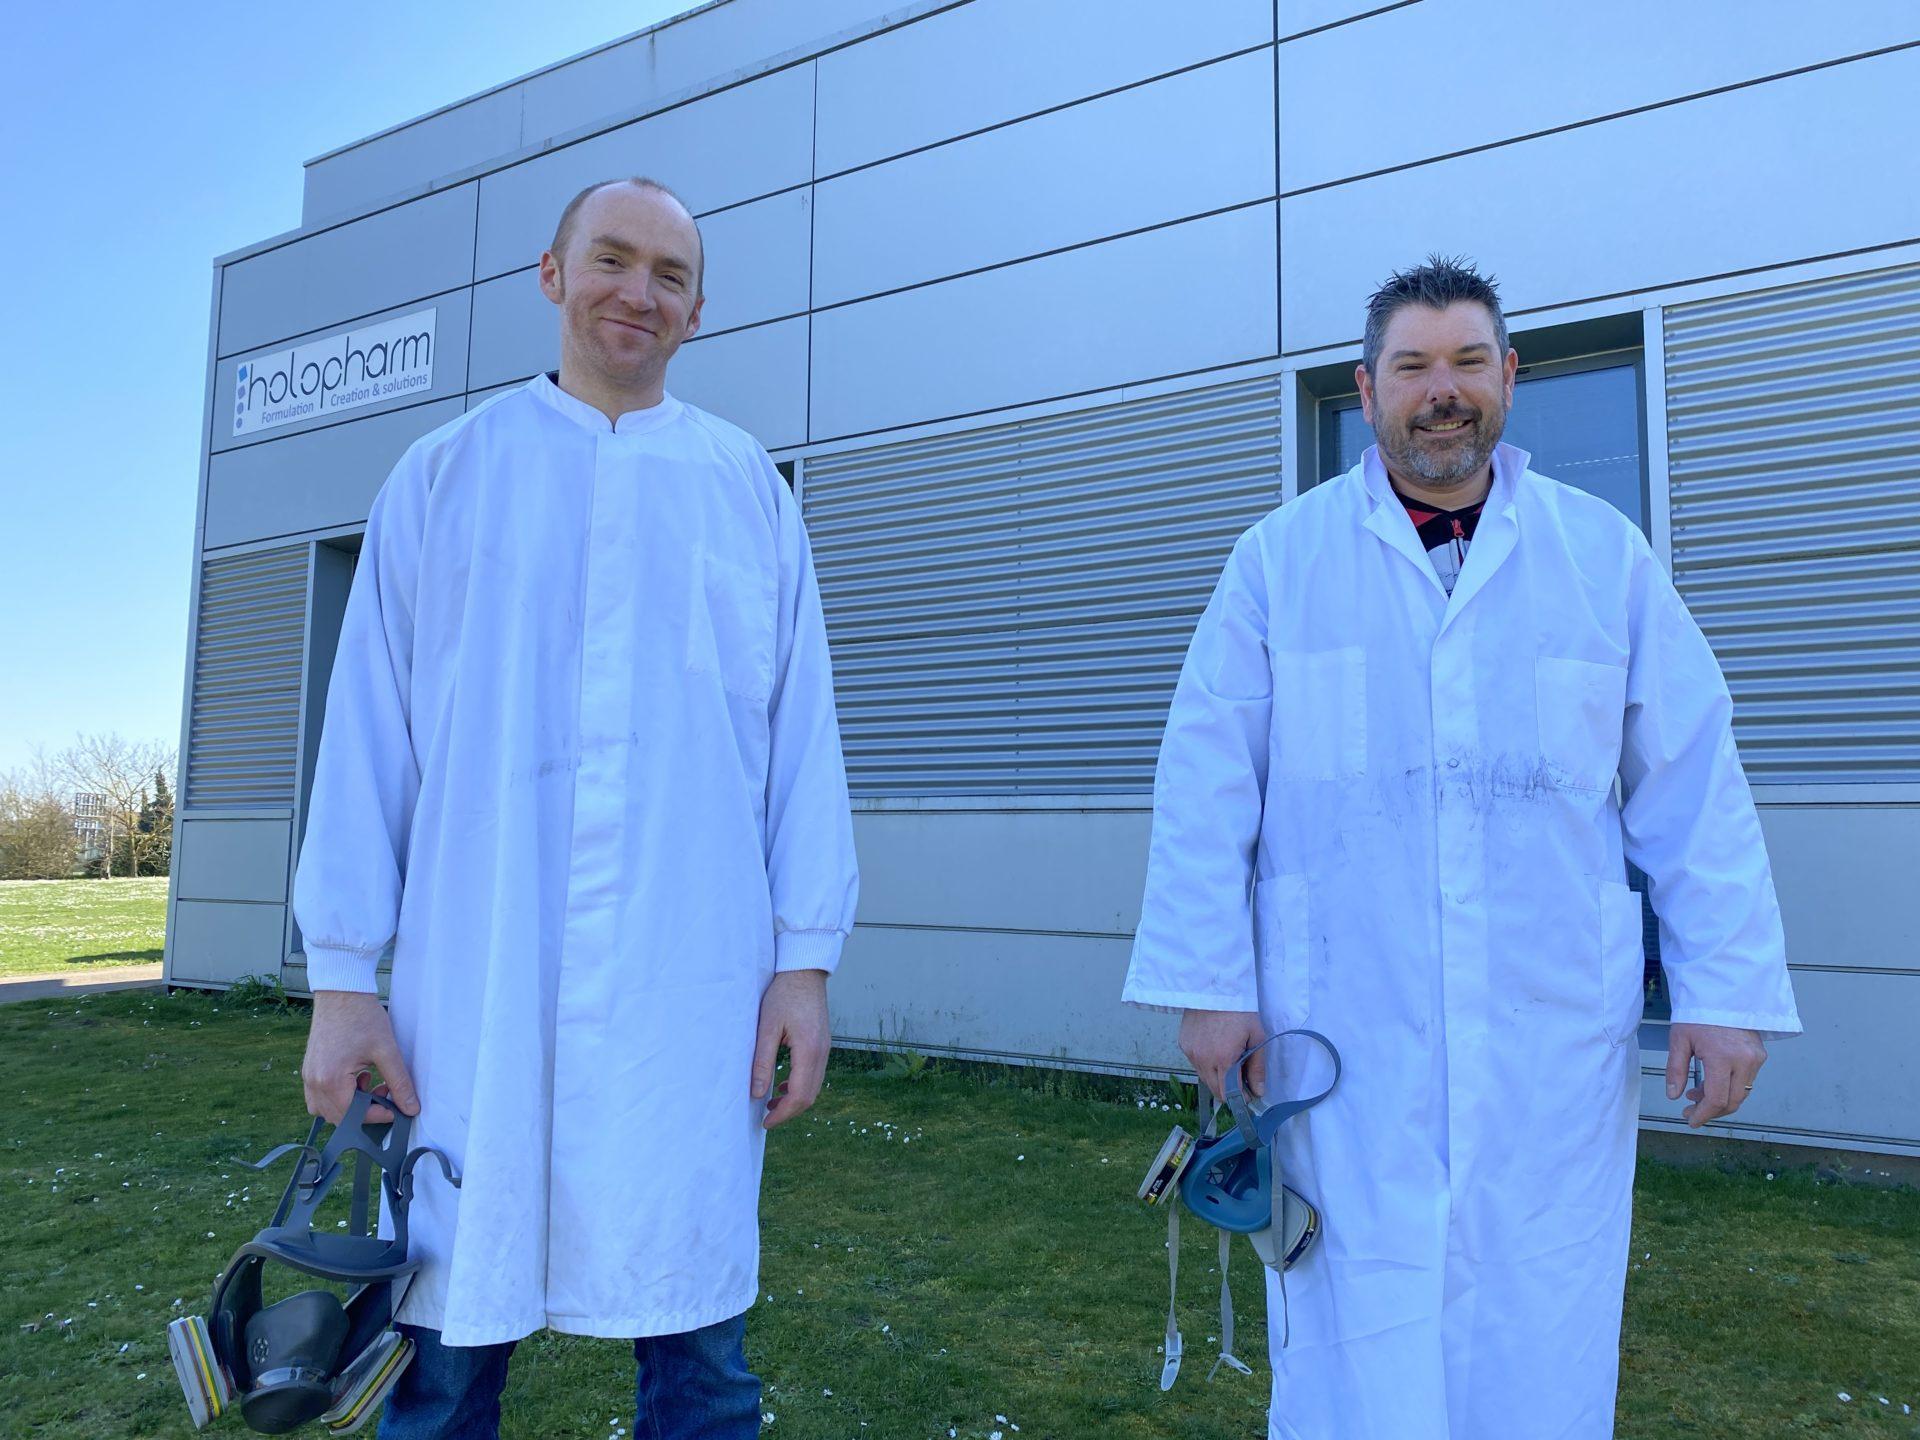 Le geste solidaire d'Holopharm: 1700 litres de solution hydro alcoolique fabriqués pour l'hôpital